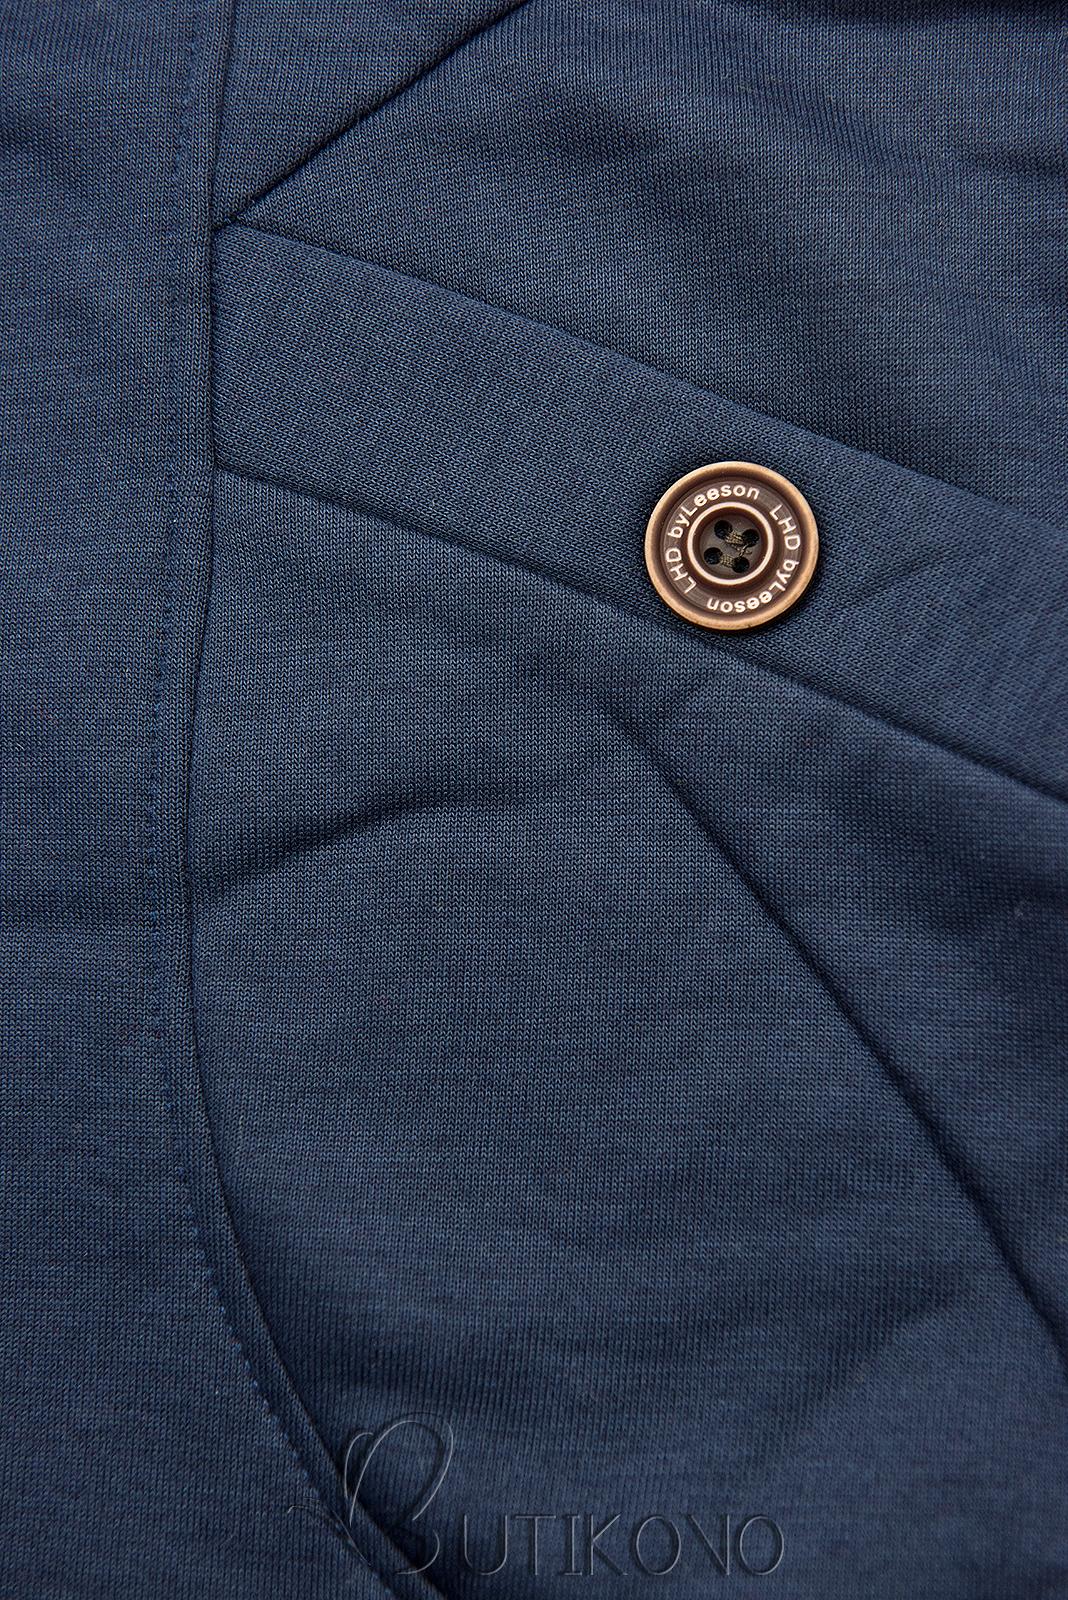 Tmavě modrá mikina se vzorovanou kapucí